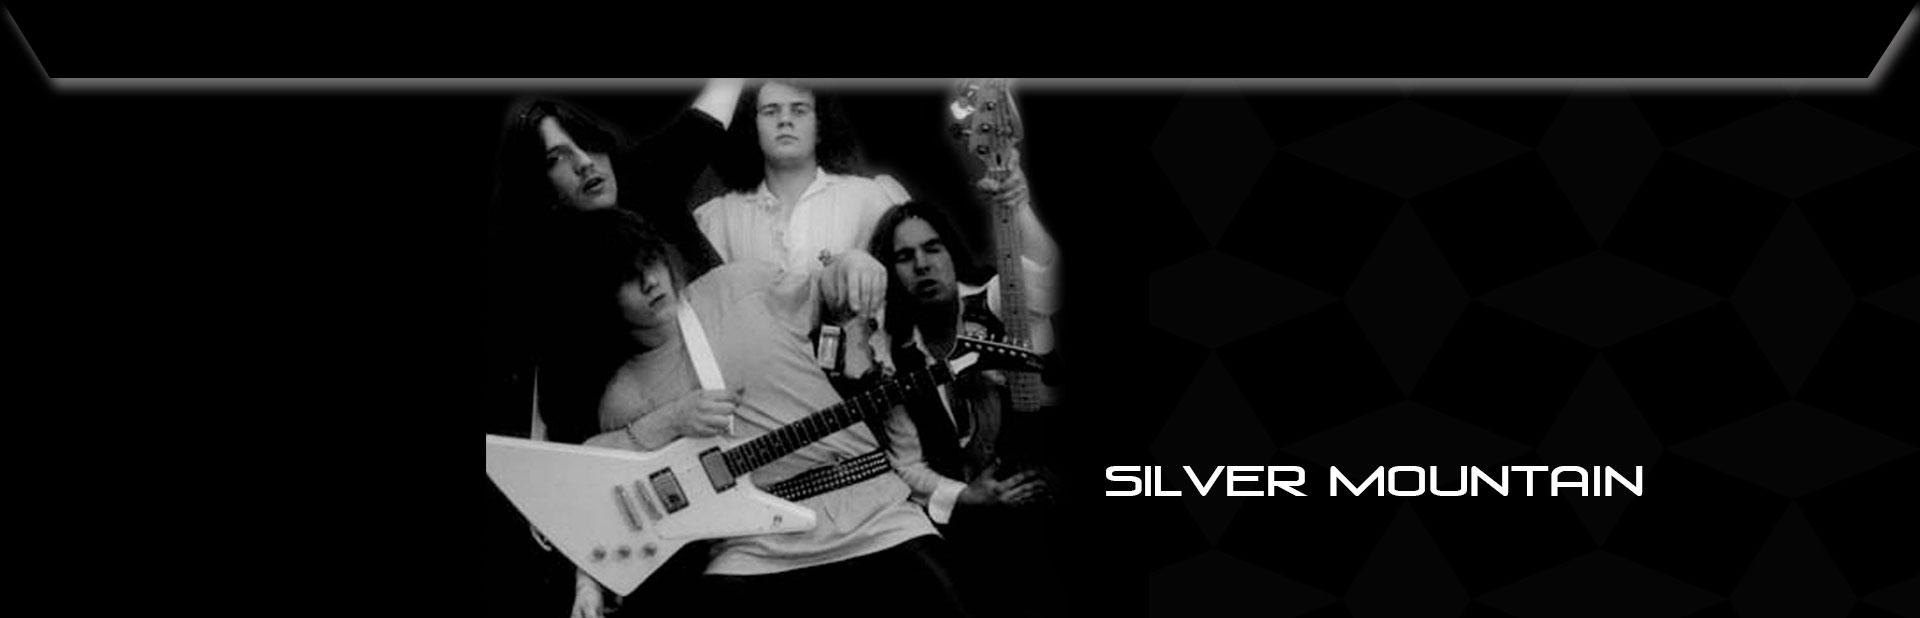 Silvermountain